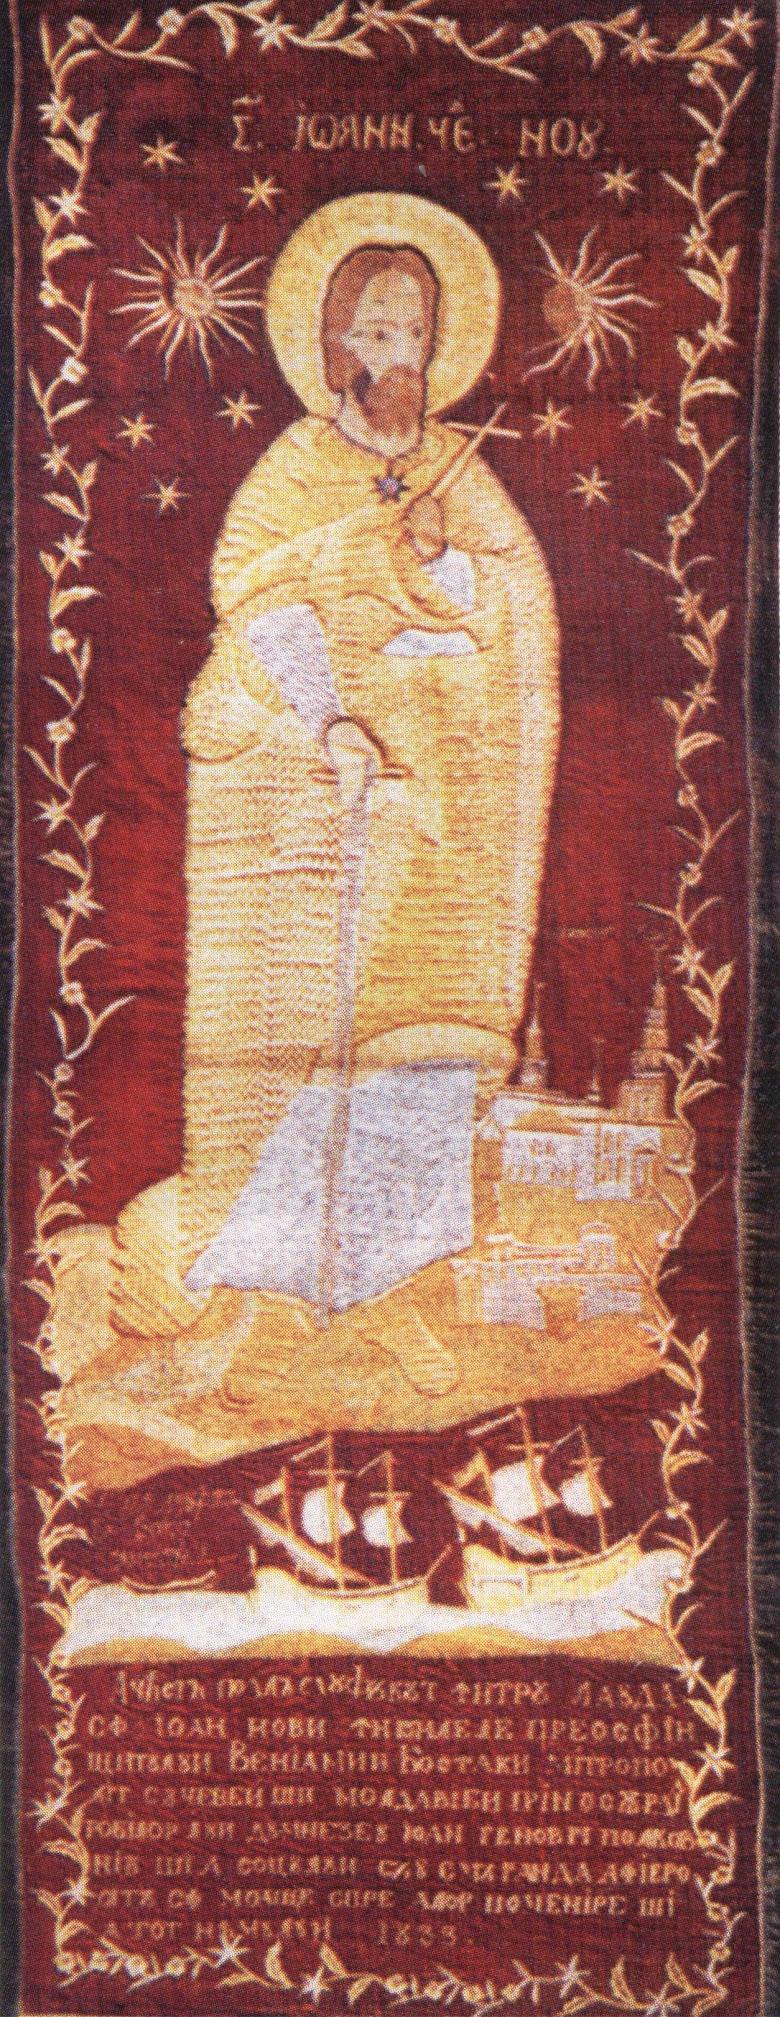 Ο άγιος Ιωάννης ο Νέος. Κεντημένη εικόνα σε κάλυμμα λειψανοθήκης του 18ου αι.